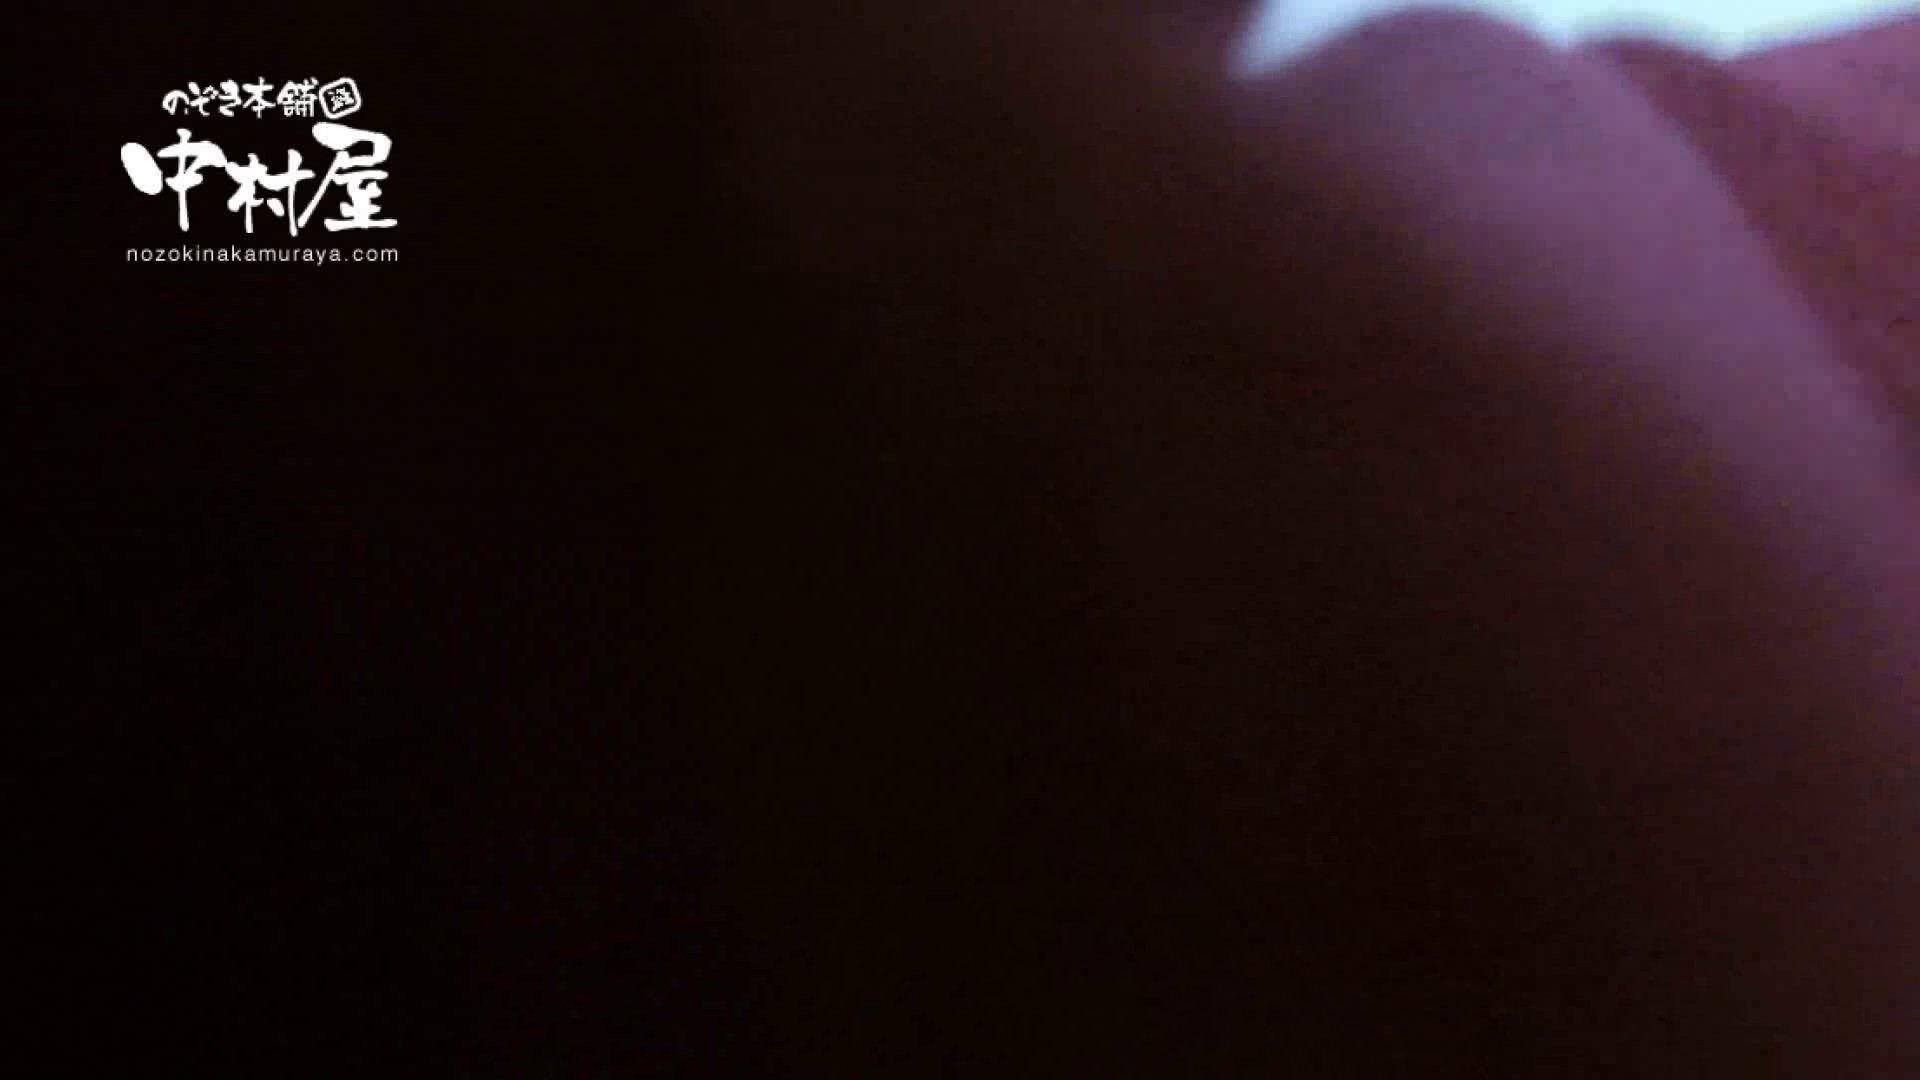 鬼畜 vol.02 もうやめて! 前編 OLヌード天国  80PIX 42